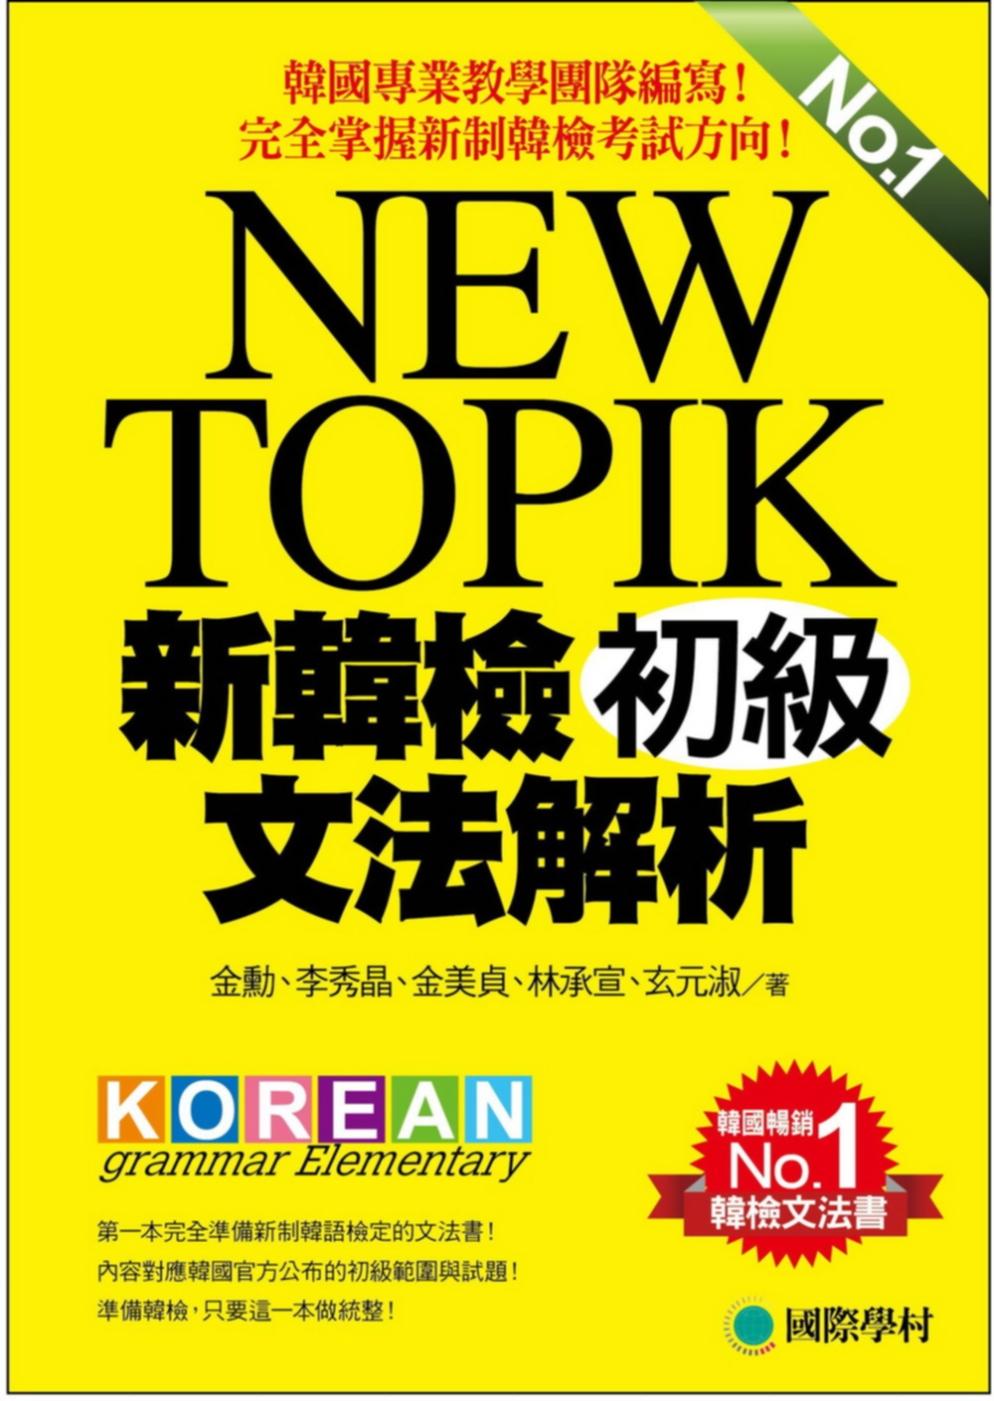 NEW TOPIK 新韓檢初級文法解析:韓國專業教學團隊編寫,完全掌握新制韓檢考試方向!